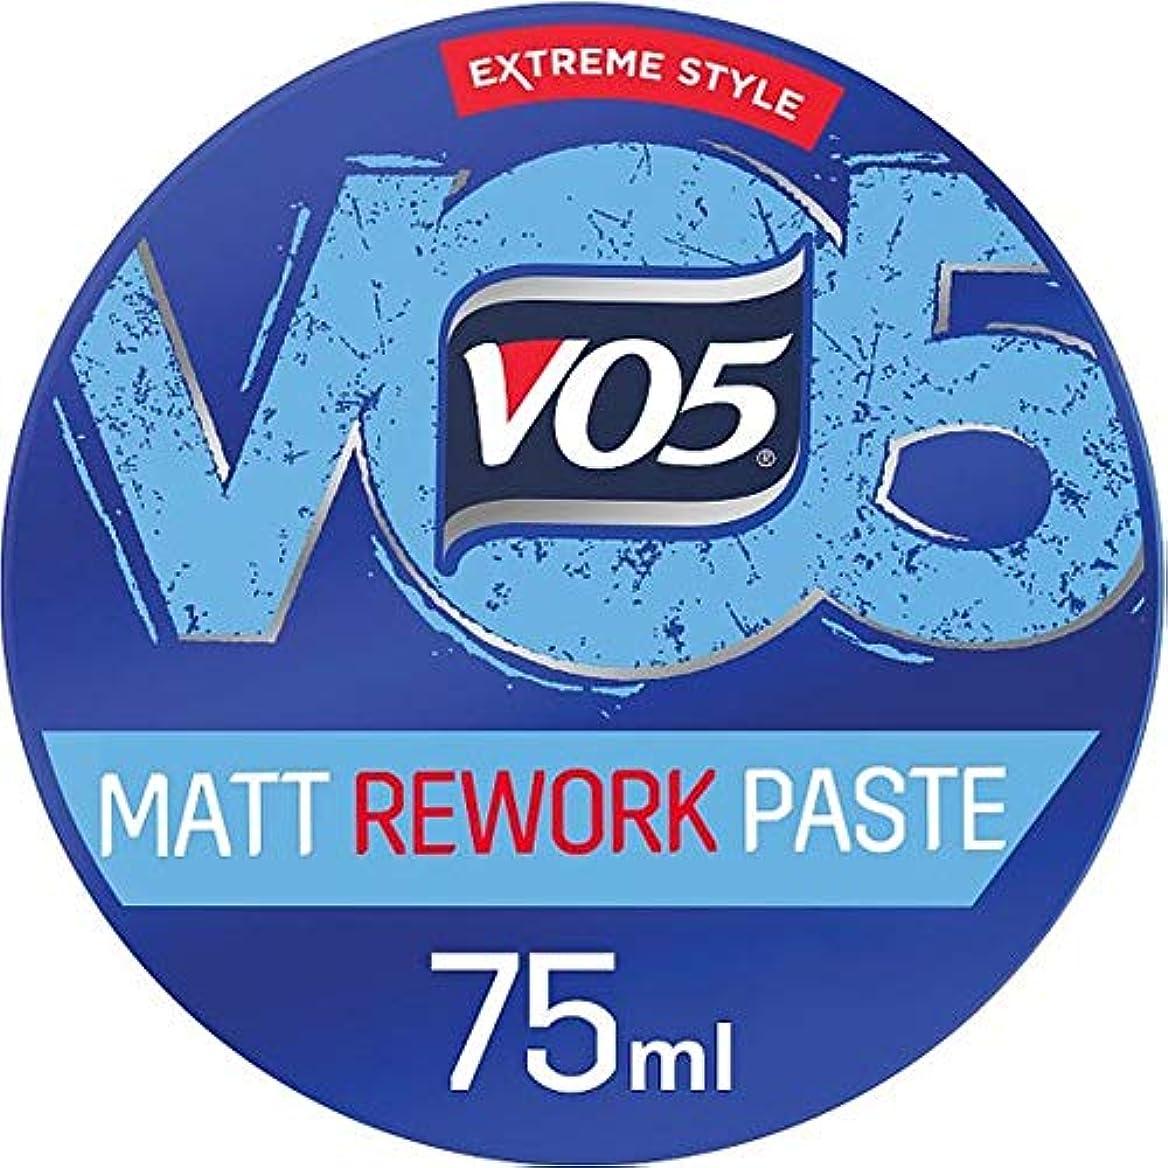 出版残り話す[Vo5] Vo5極端なスタイルマットリワークペースト75ミリリットル - Vo5 Extreme Style Matte Rework Paste 75Ml [並行輸入品]